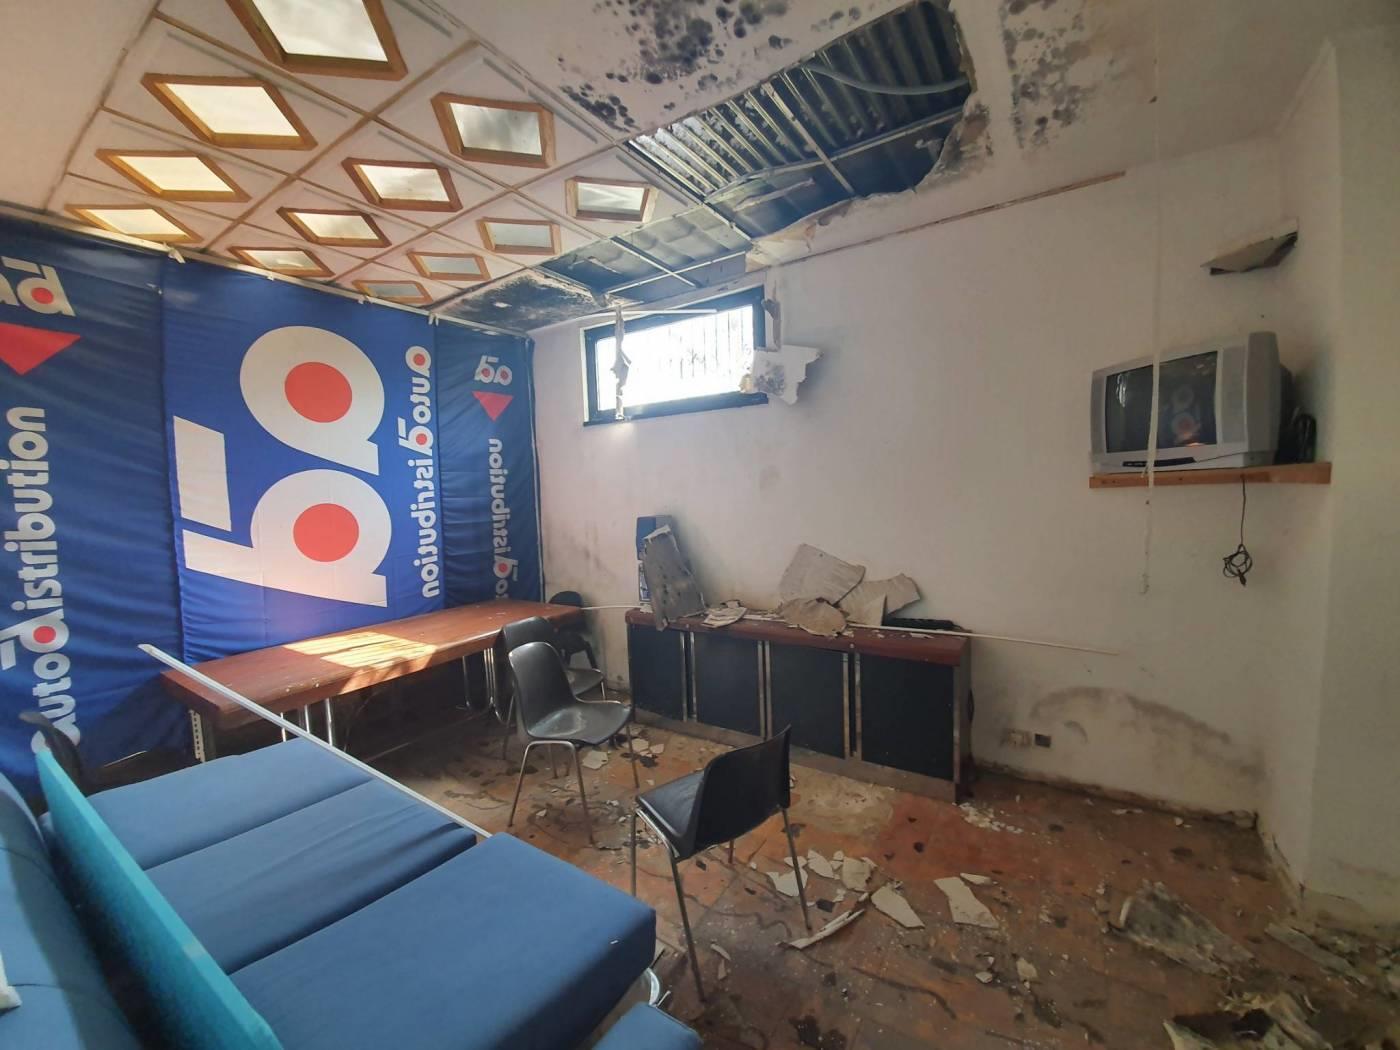 Foto 11 - Magazzino in Vendita - Monza, Zona Buonarroti